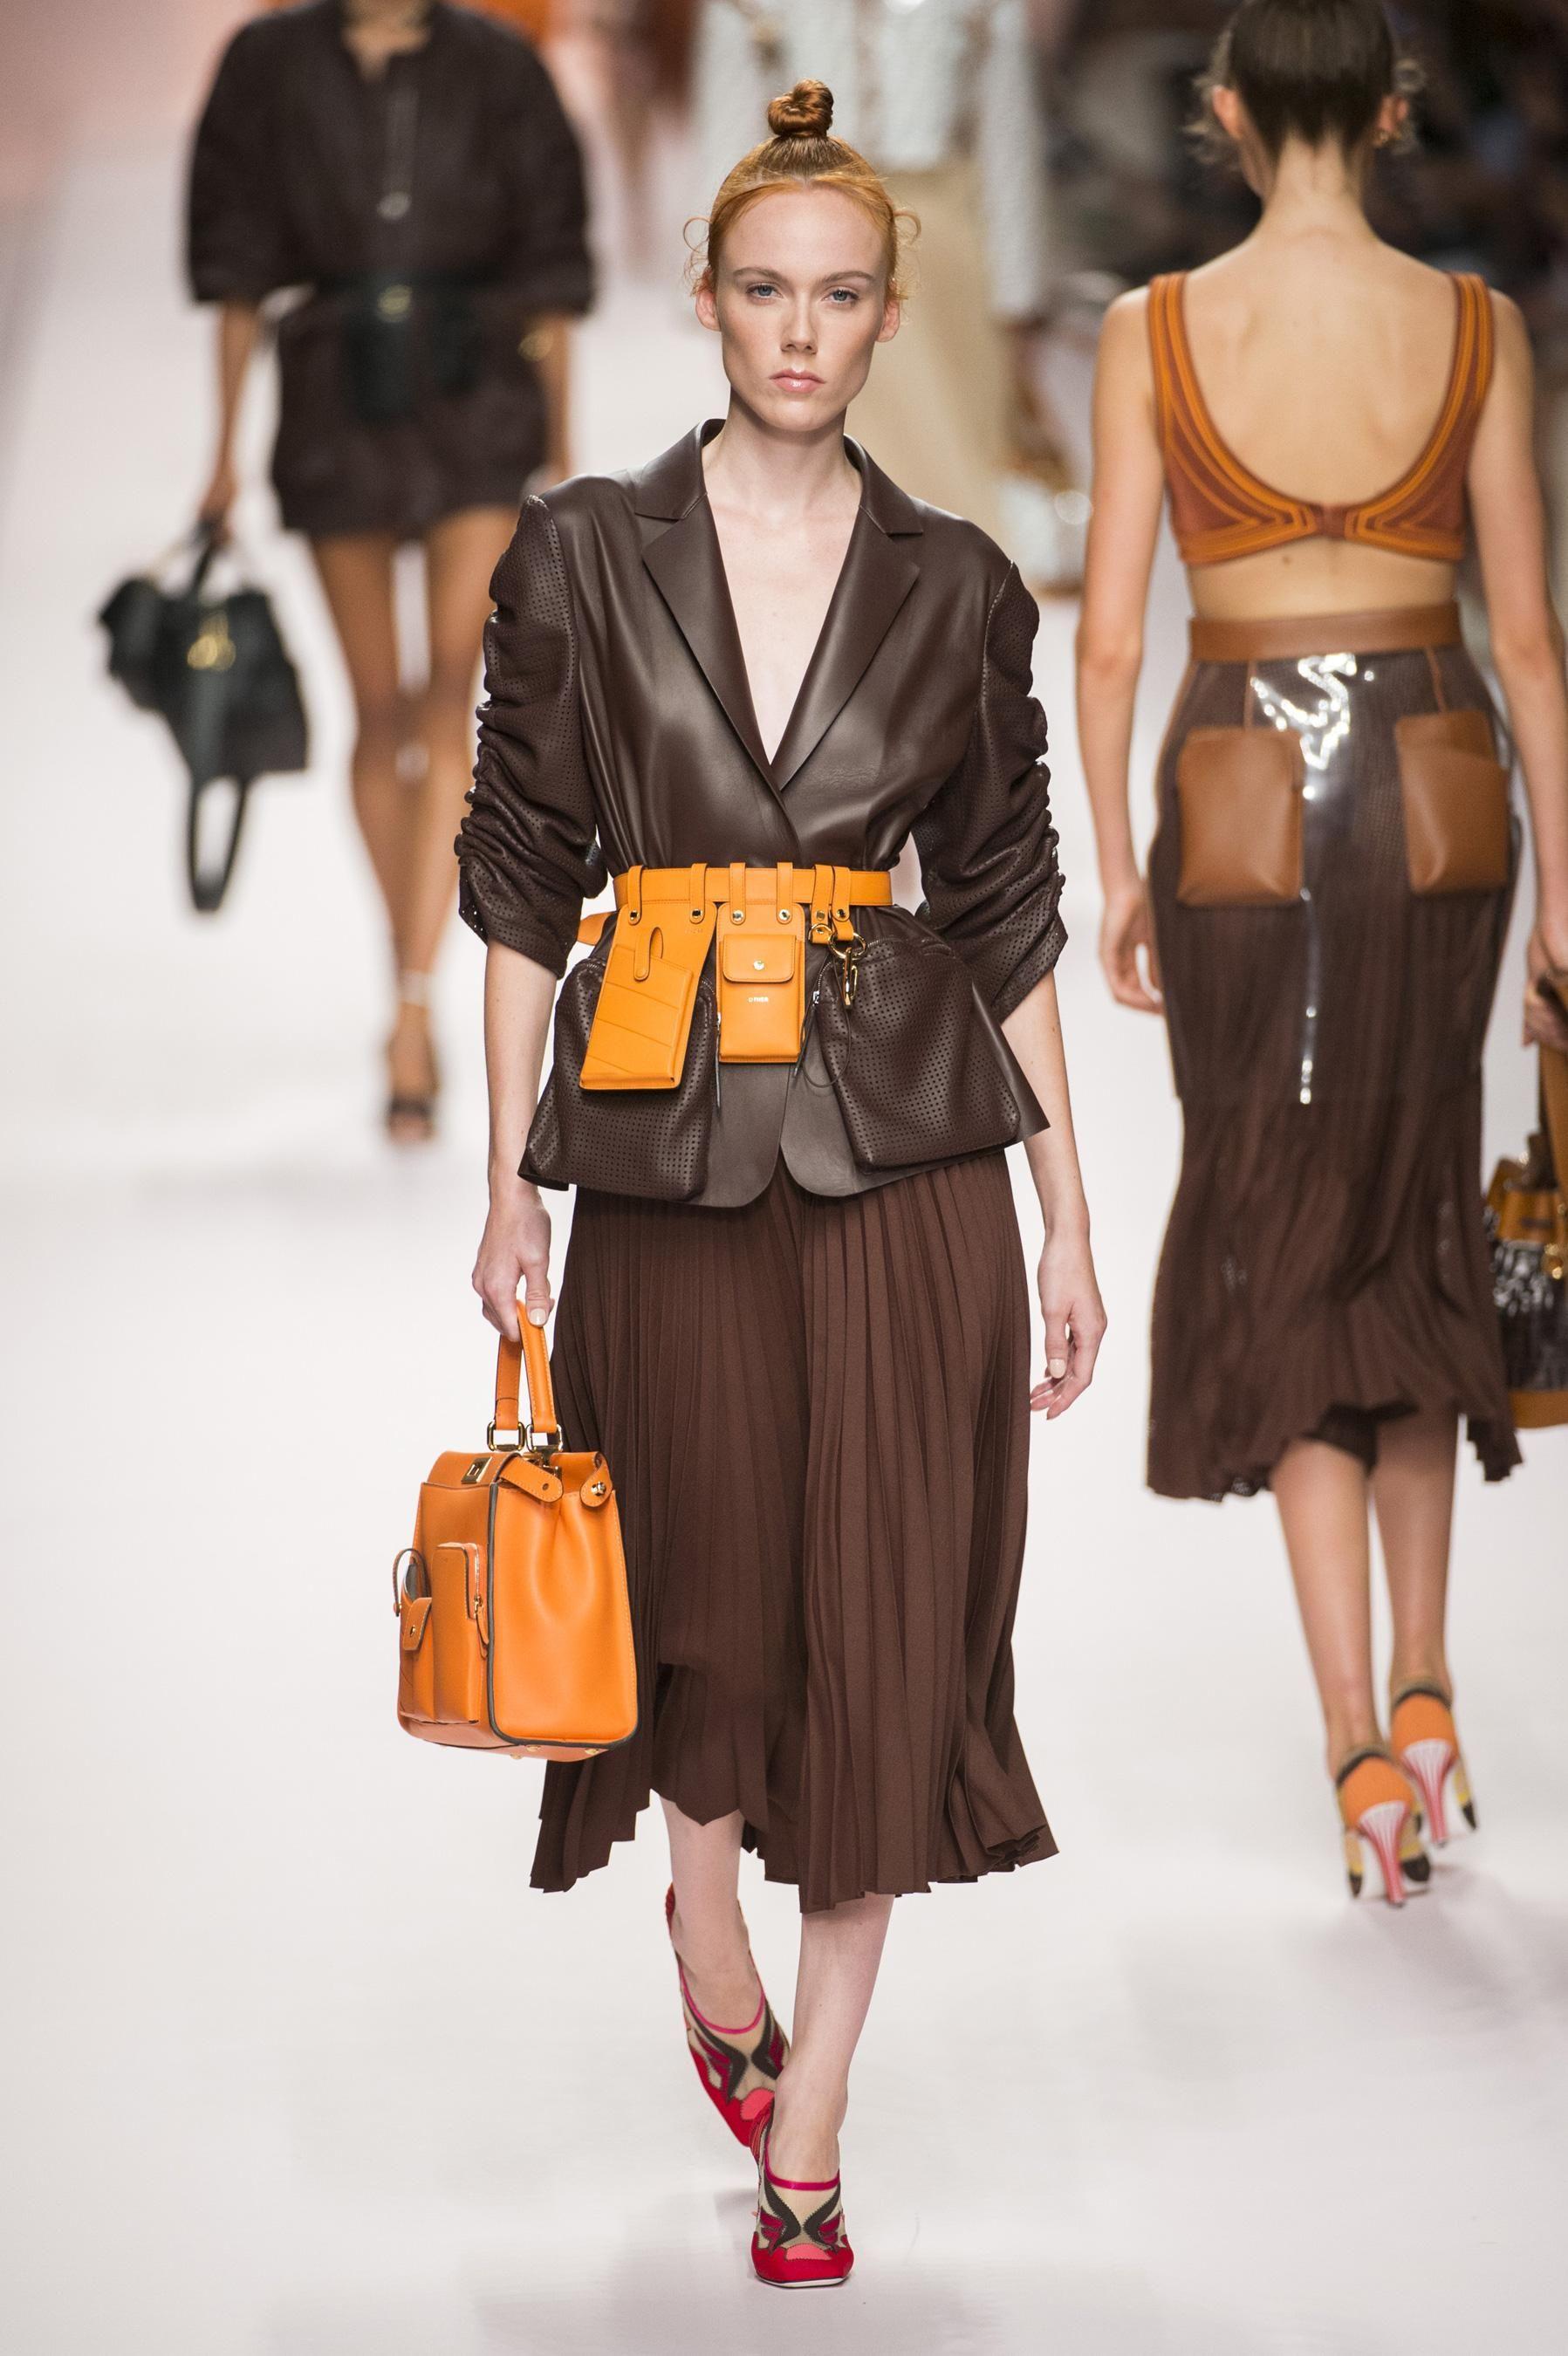 Défilé Fendi printemps-été 2019 Prêt-à-porter   LA MODE   Fashion ... 564cb180cdd